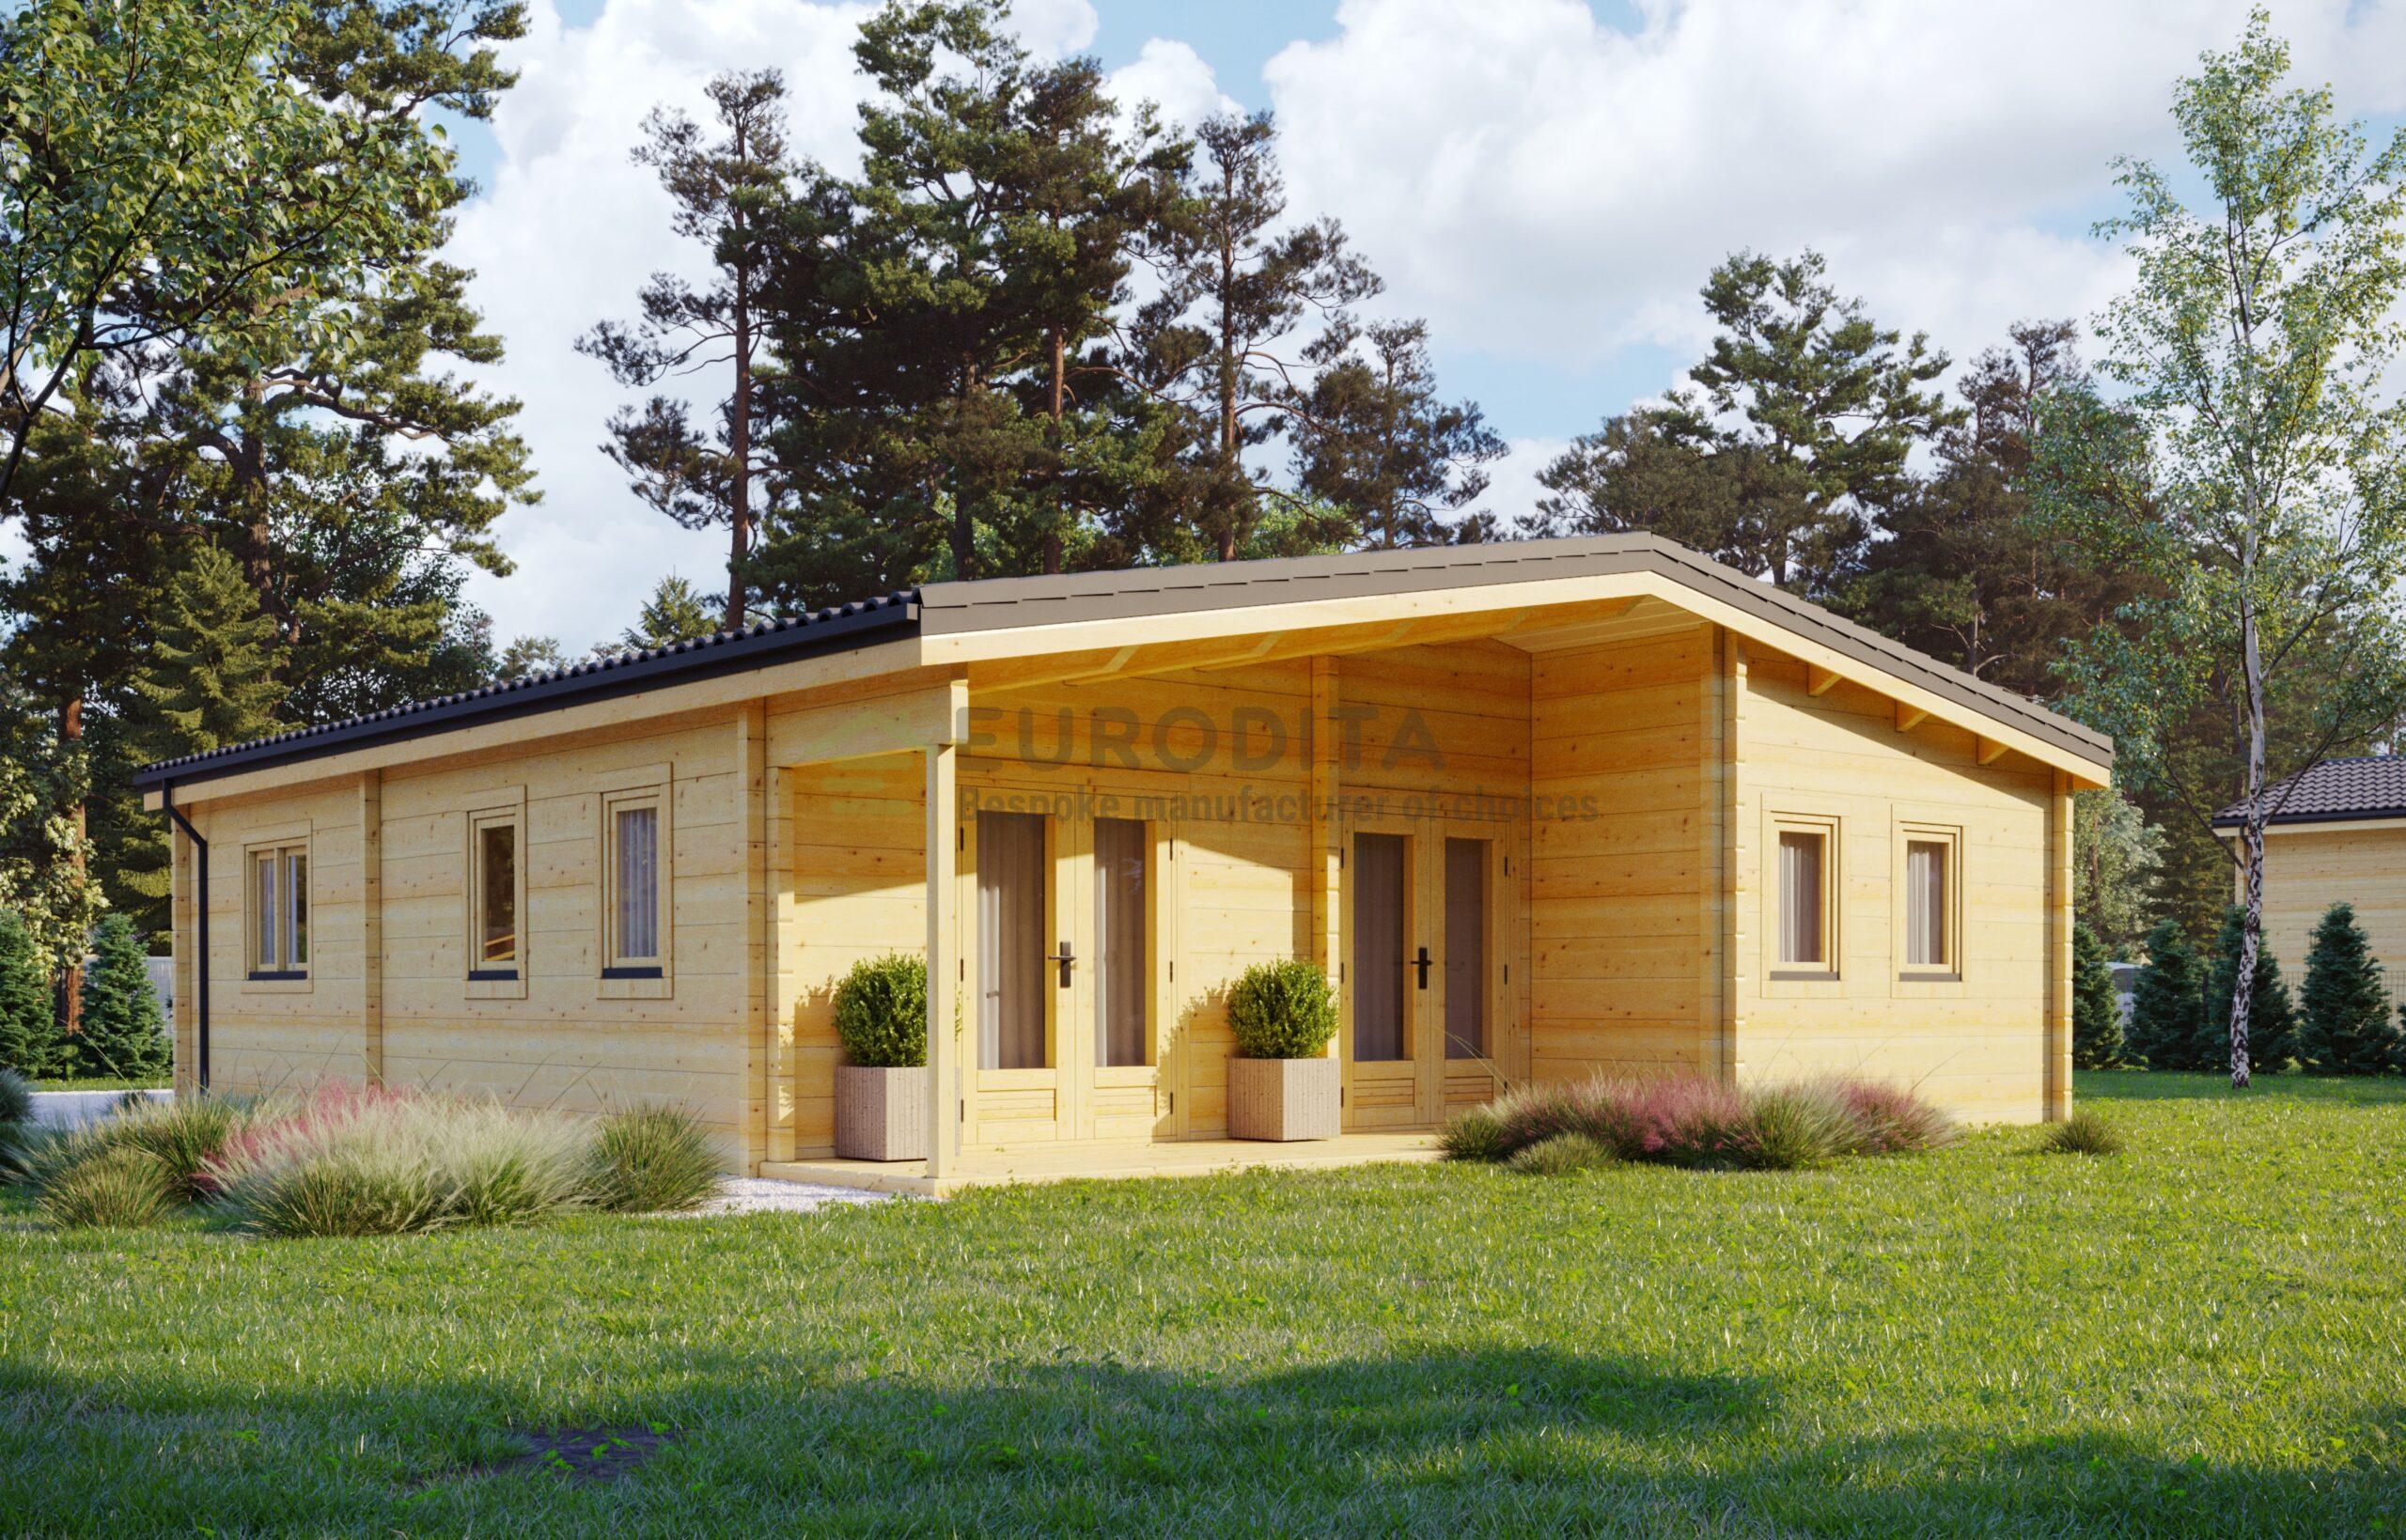 Glulam Log House E0208B